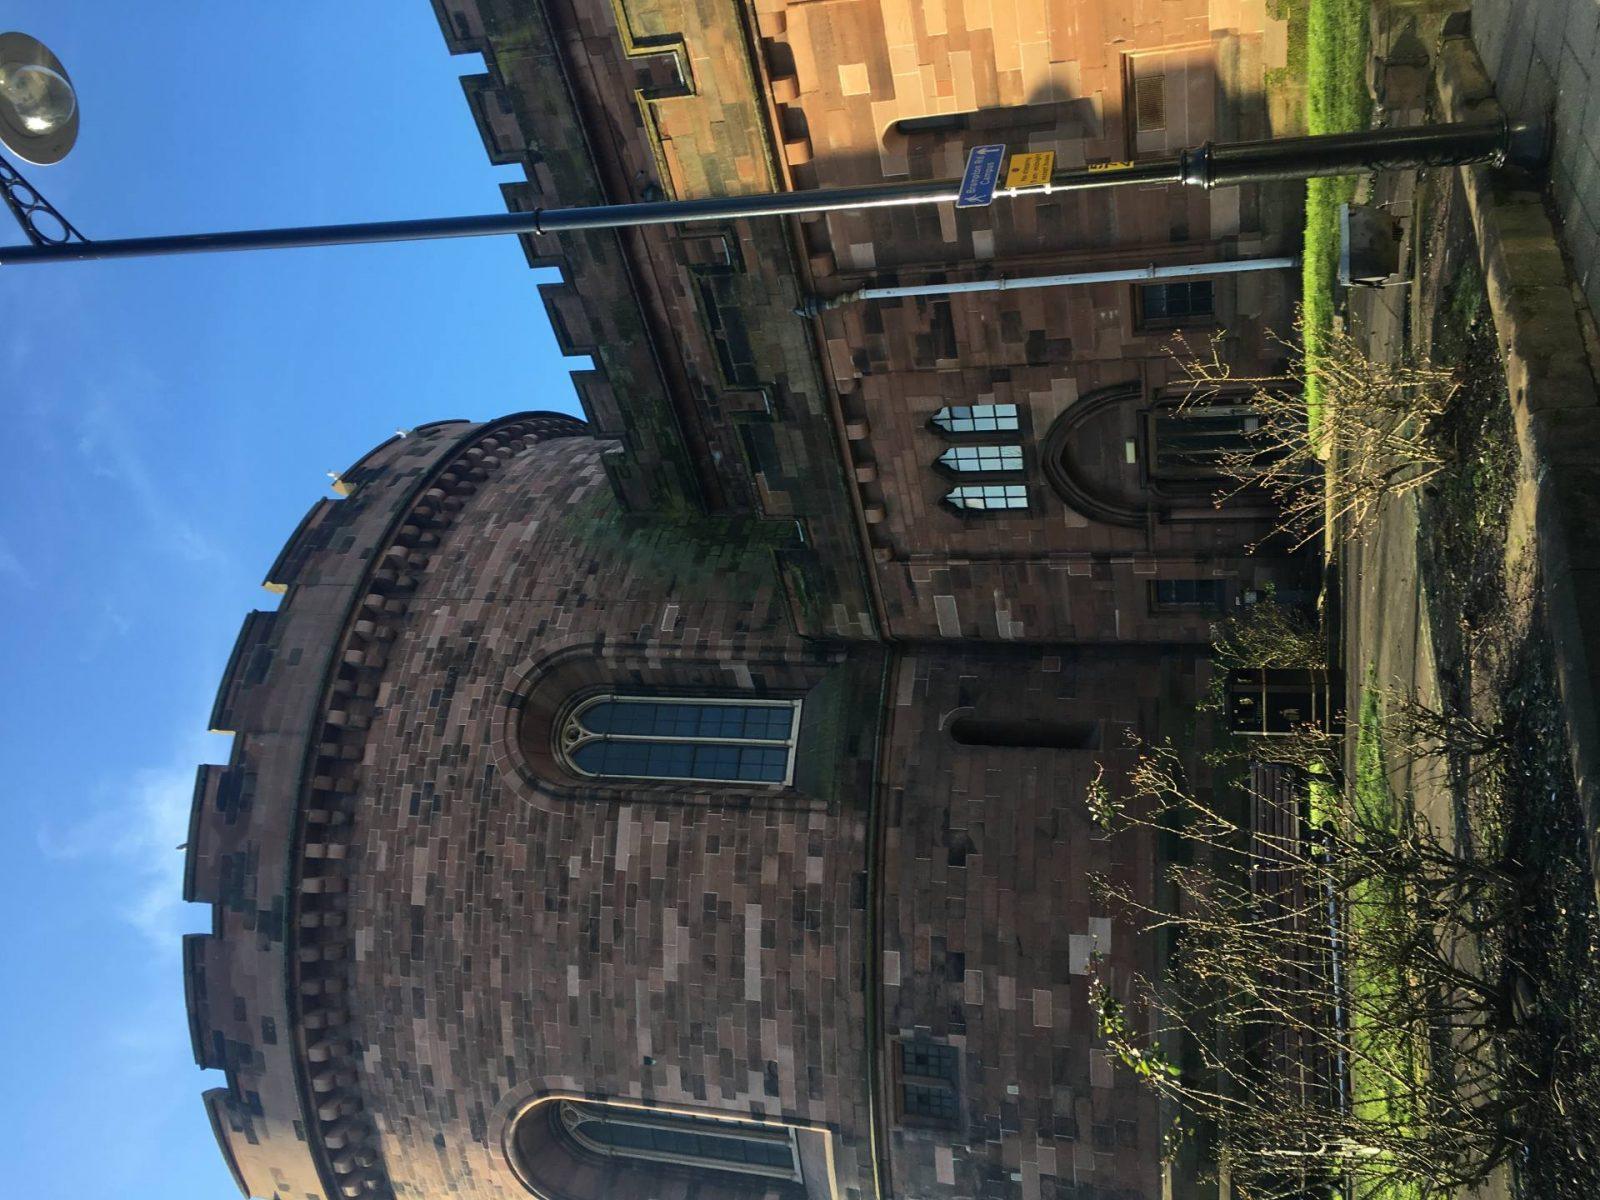 Carlisle, January 2018